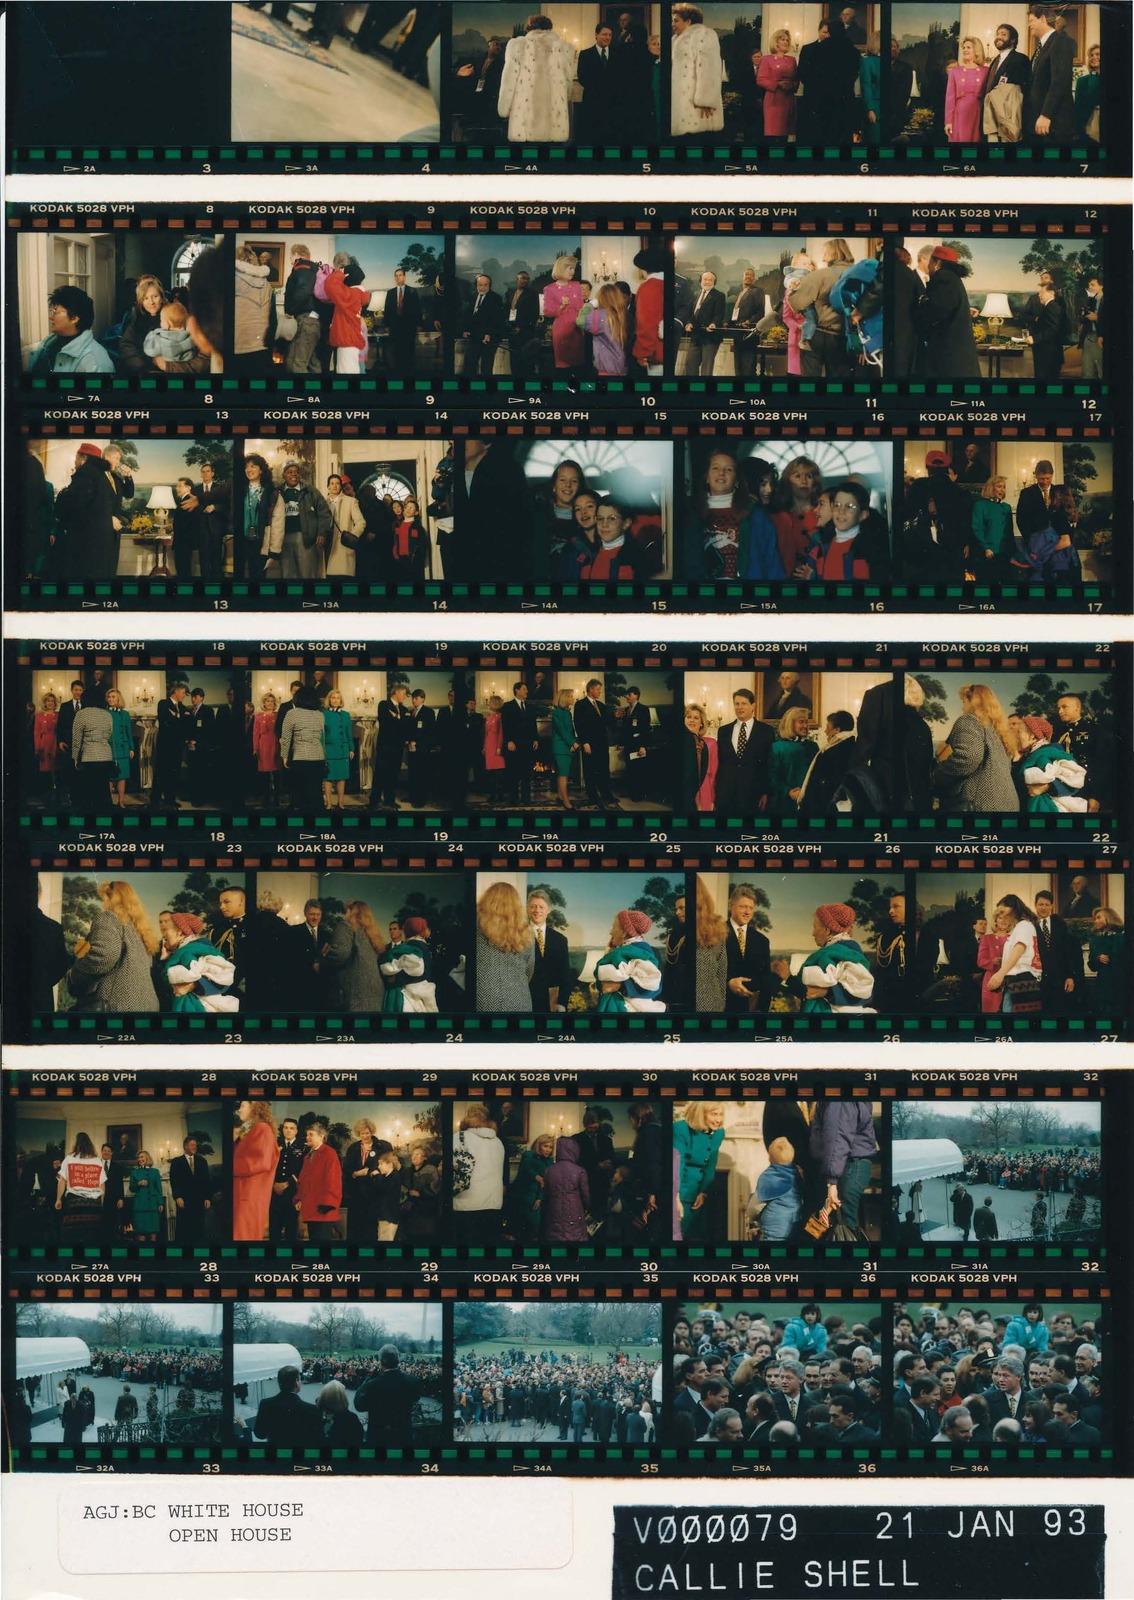 V000079, January 21, 1993